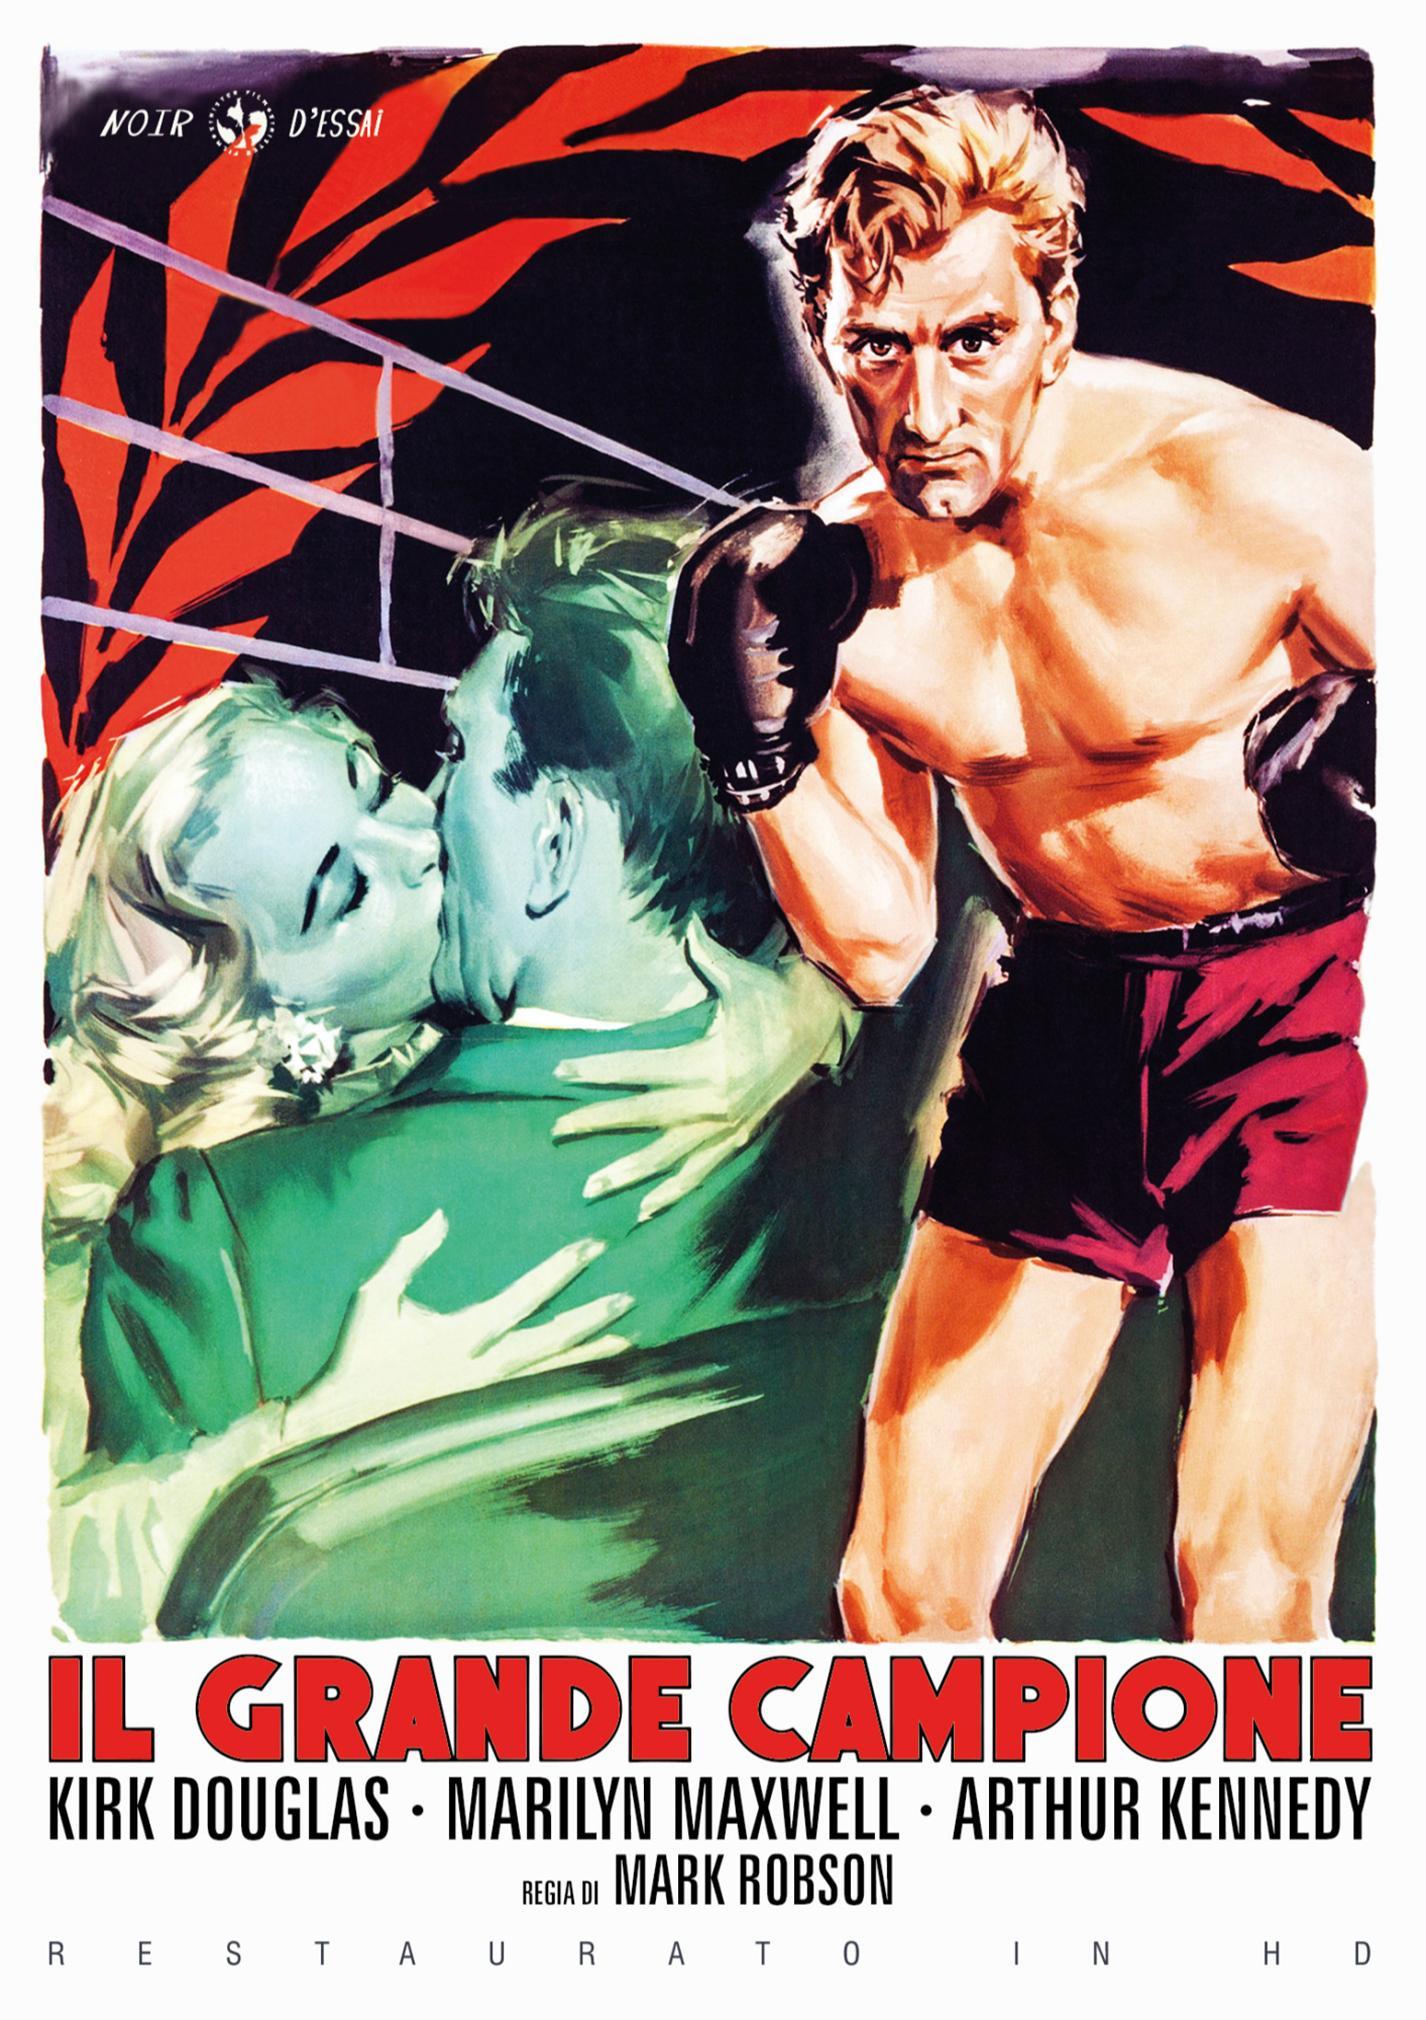 IL GRANDE CAMPIONE (RESTAURATO IN HD) (DVD)